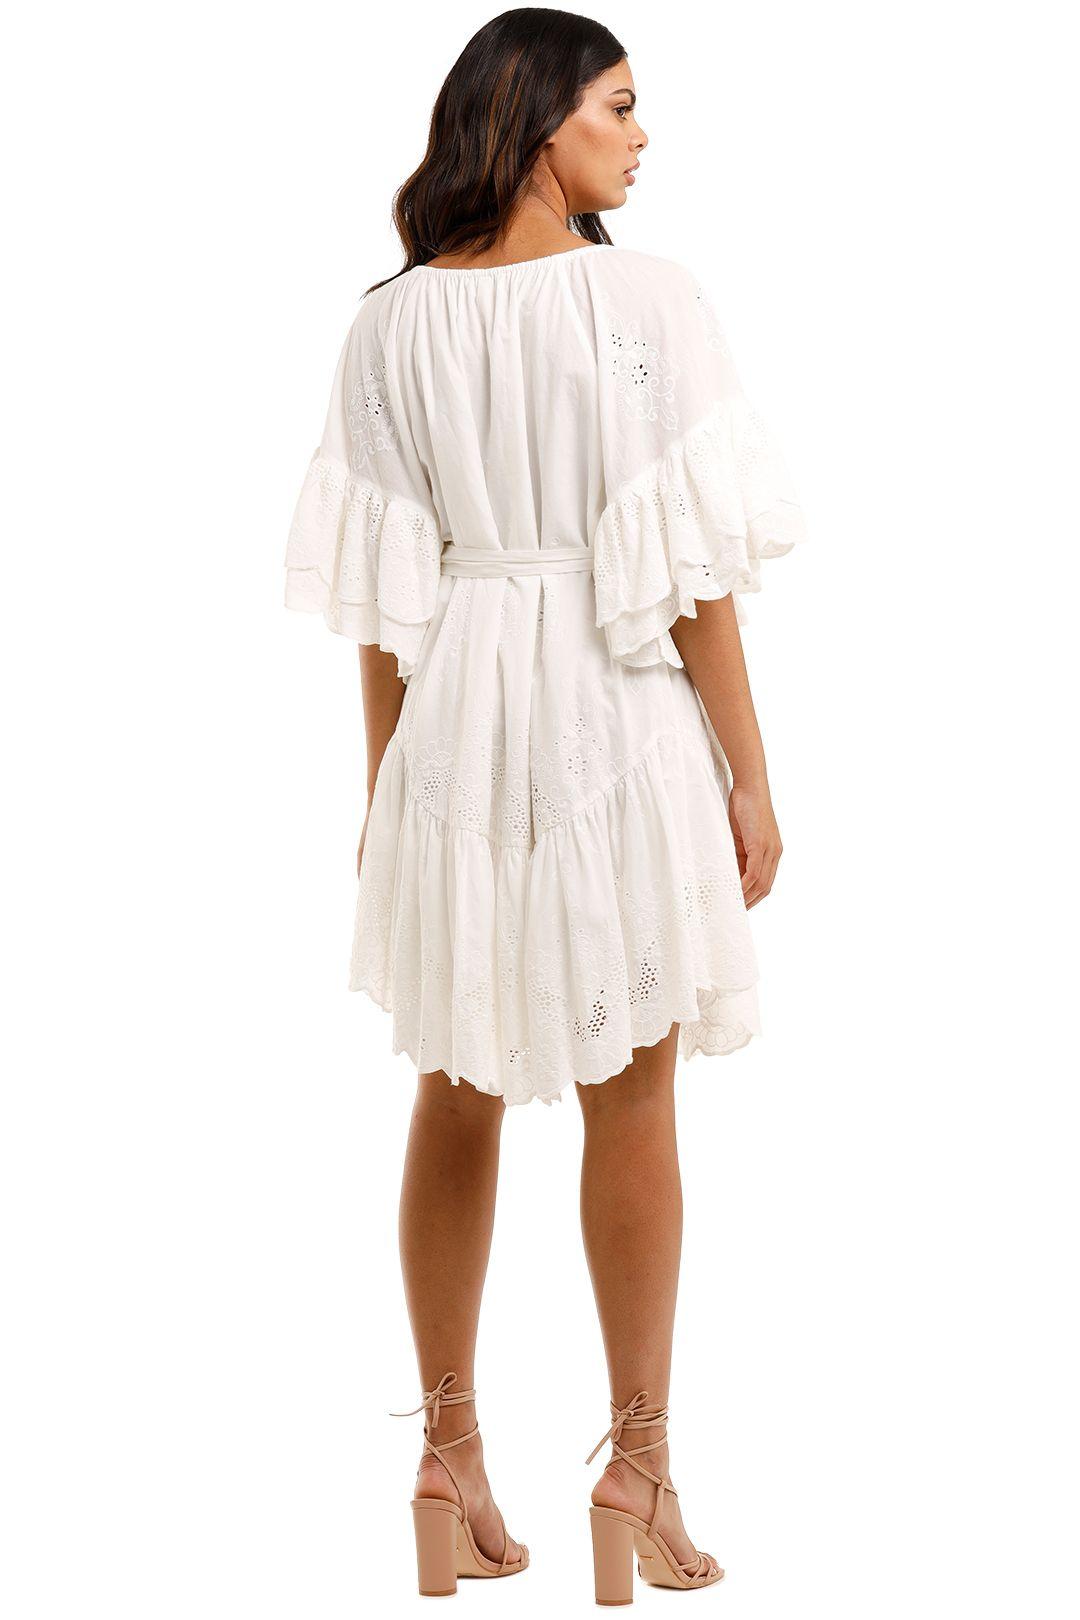 Spell Capulet Broderie Anglaise Frill Smock Dress White Mini Length